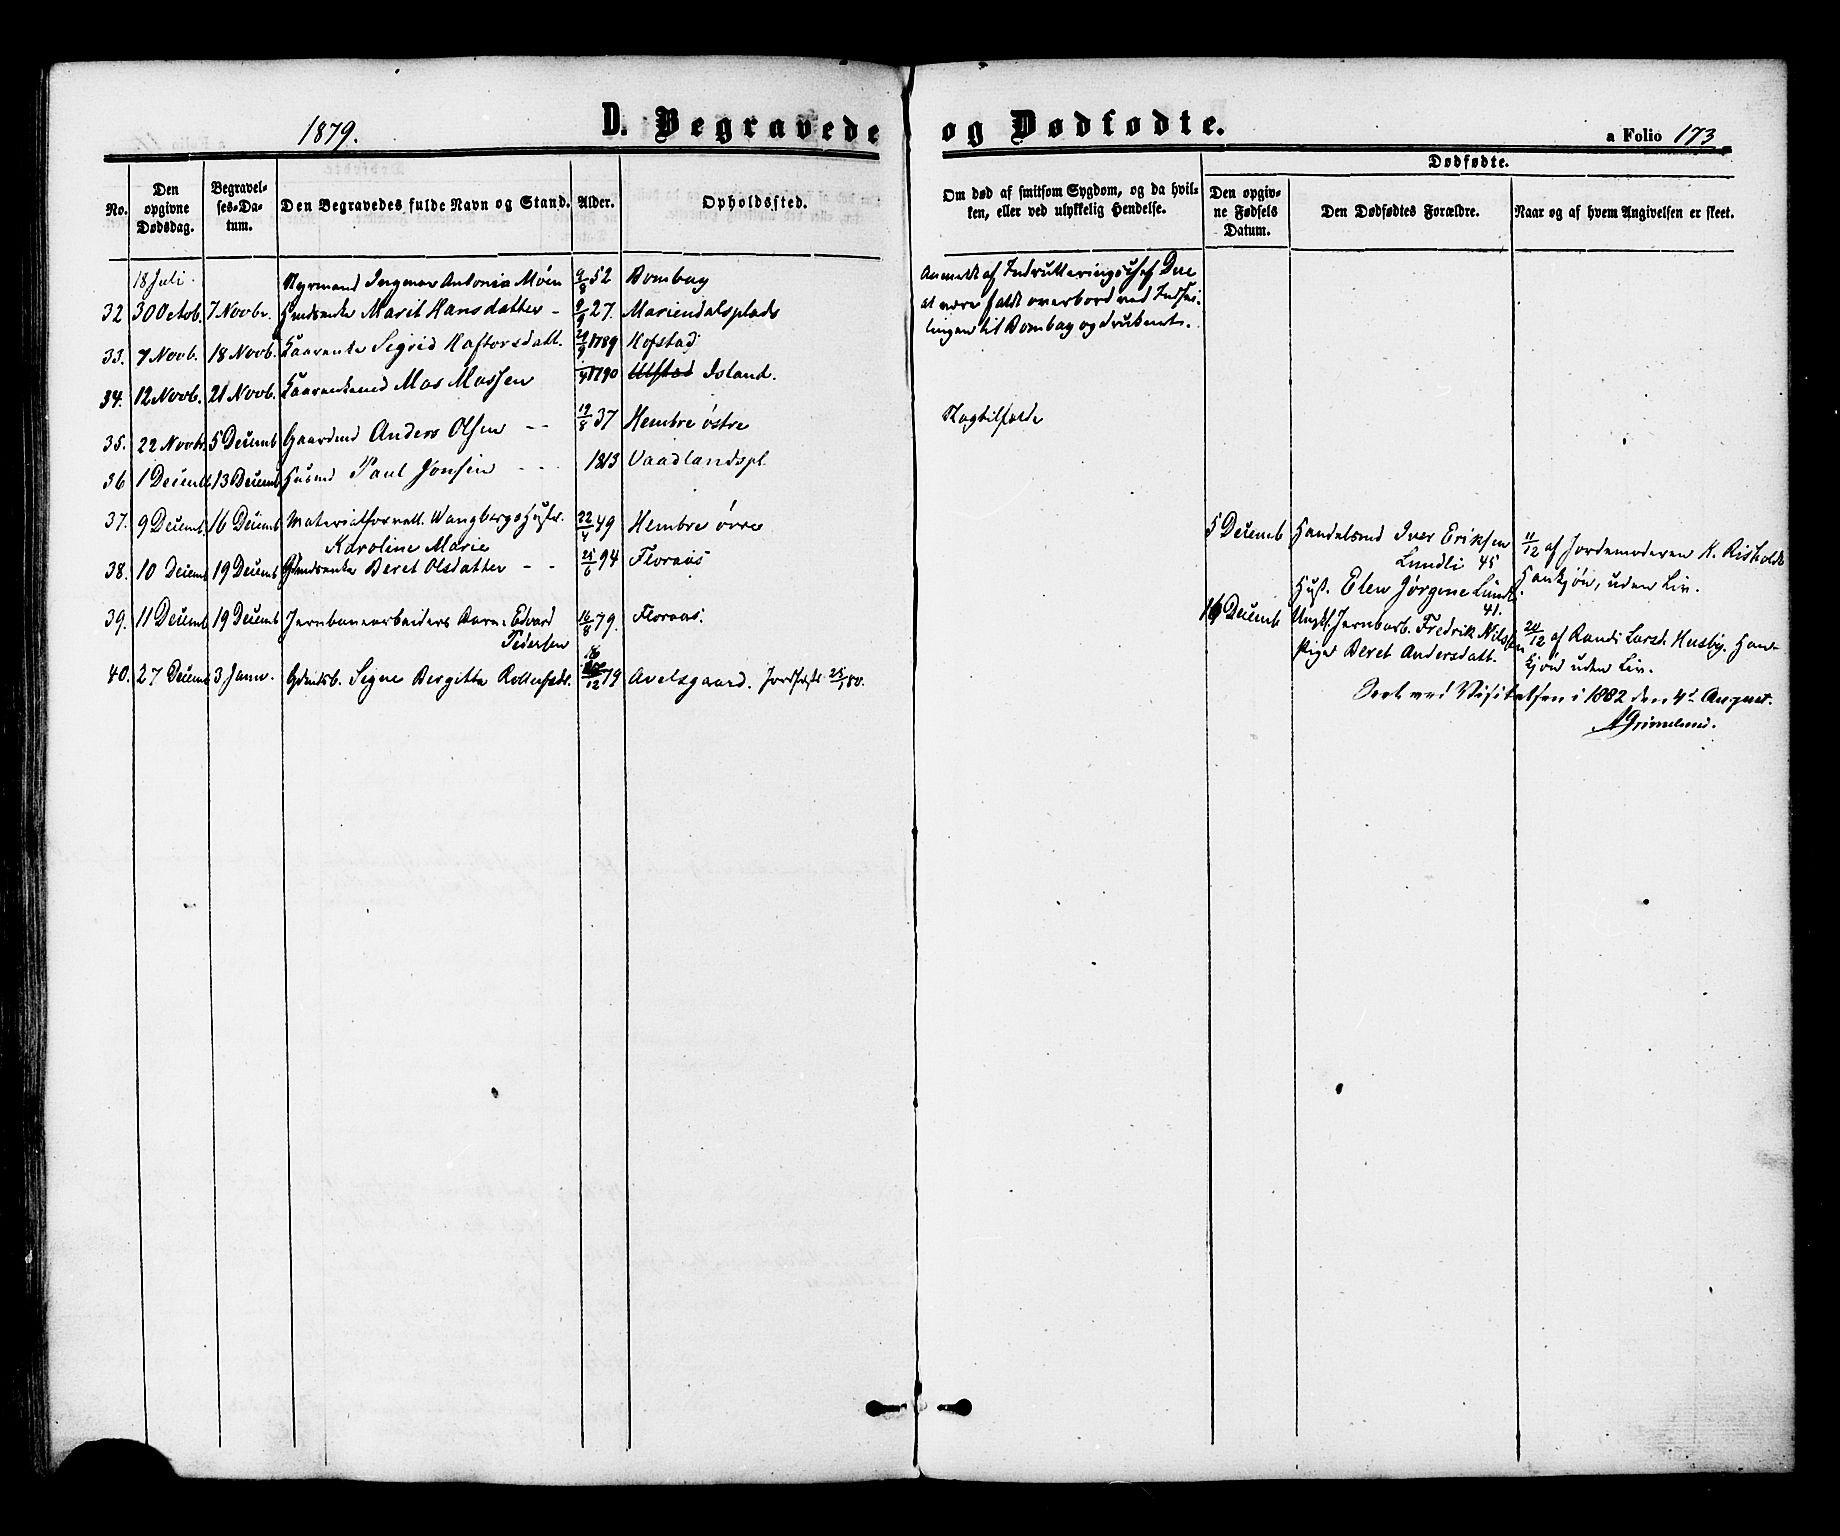 SAT, Ministerialprotokoller, klokkerbøker og fødselsregistre - Nord-Trøndelag, 703/L0029: Ministerialbok nr. 703A02, 1863-1879, s. 173